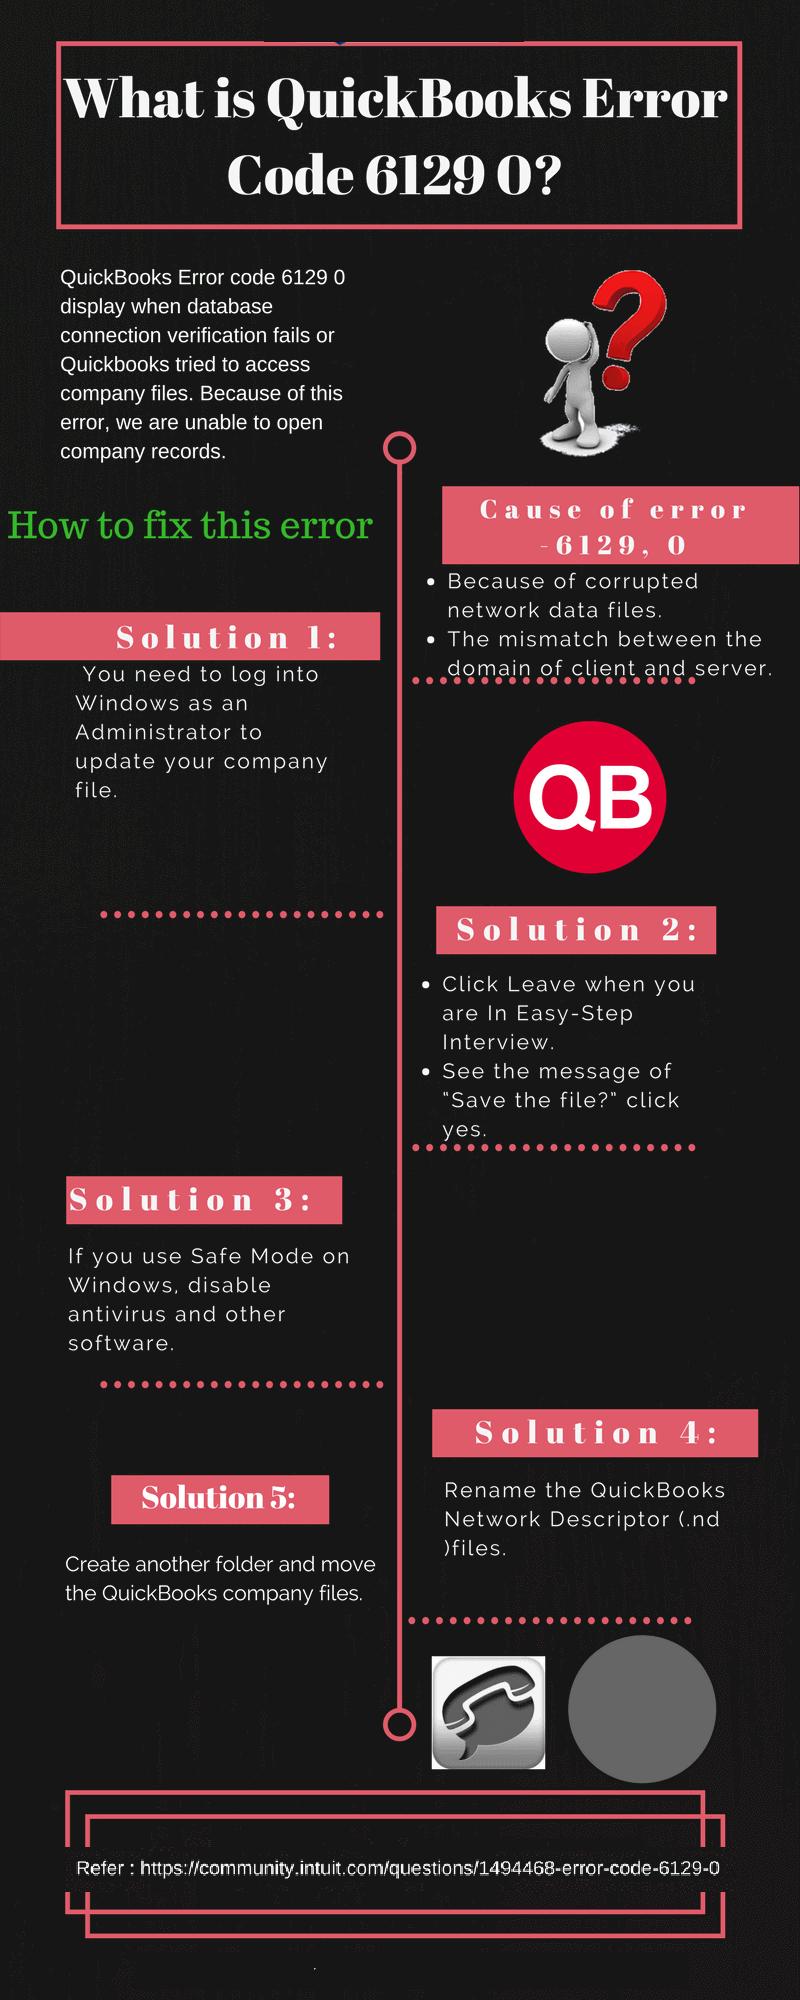 Fixation of QuickBooks Error Code 6129, 0 - Infographic Image